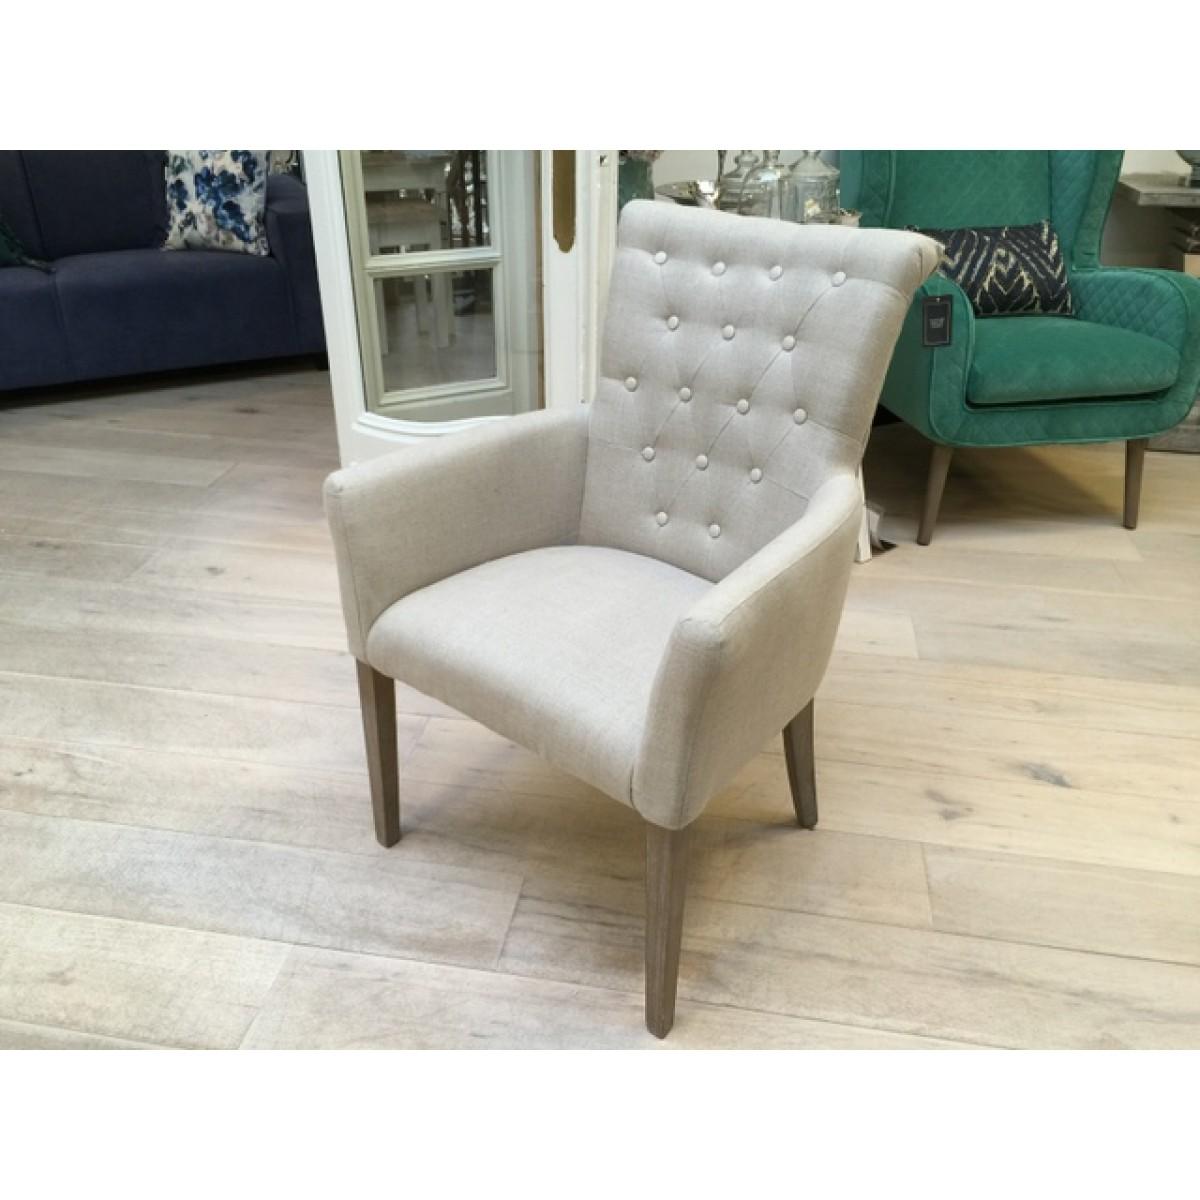 stuhl mit lehne excellent with stuhl mit lehne. Black Bedroom Furniture Sets. Home Design Ideas